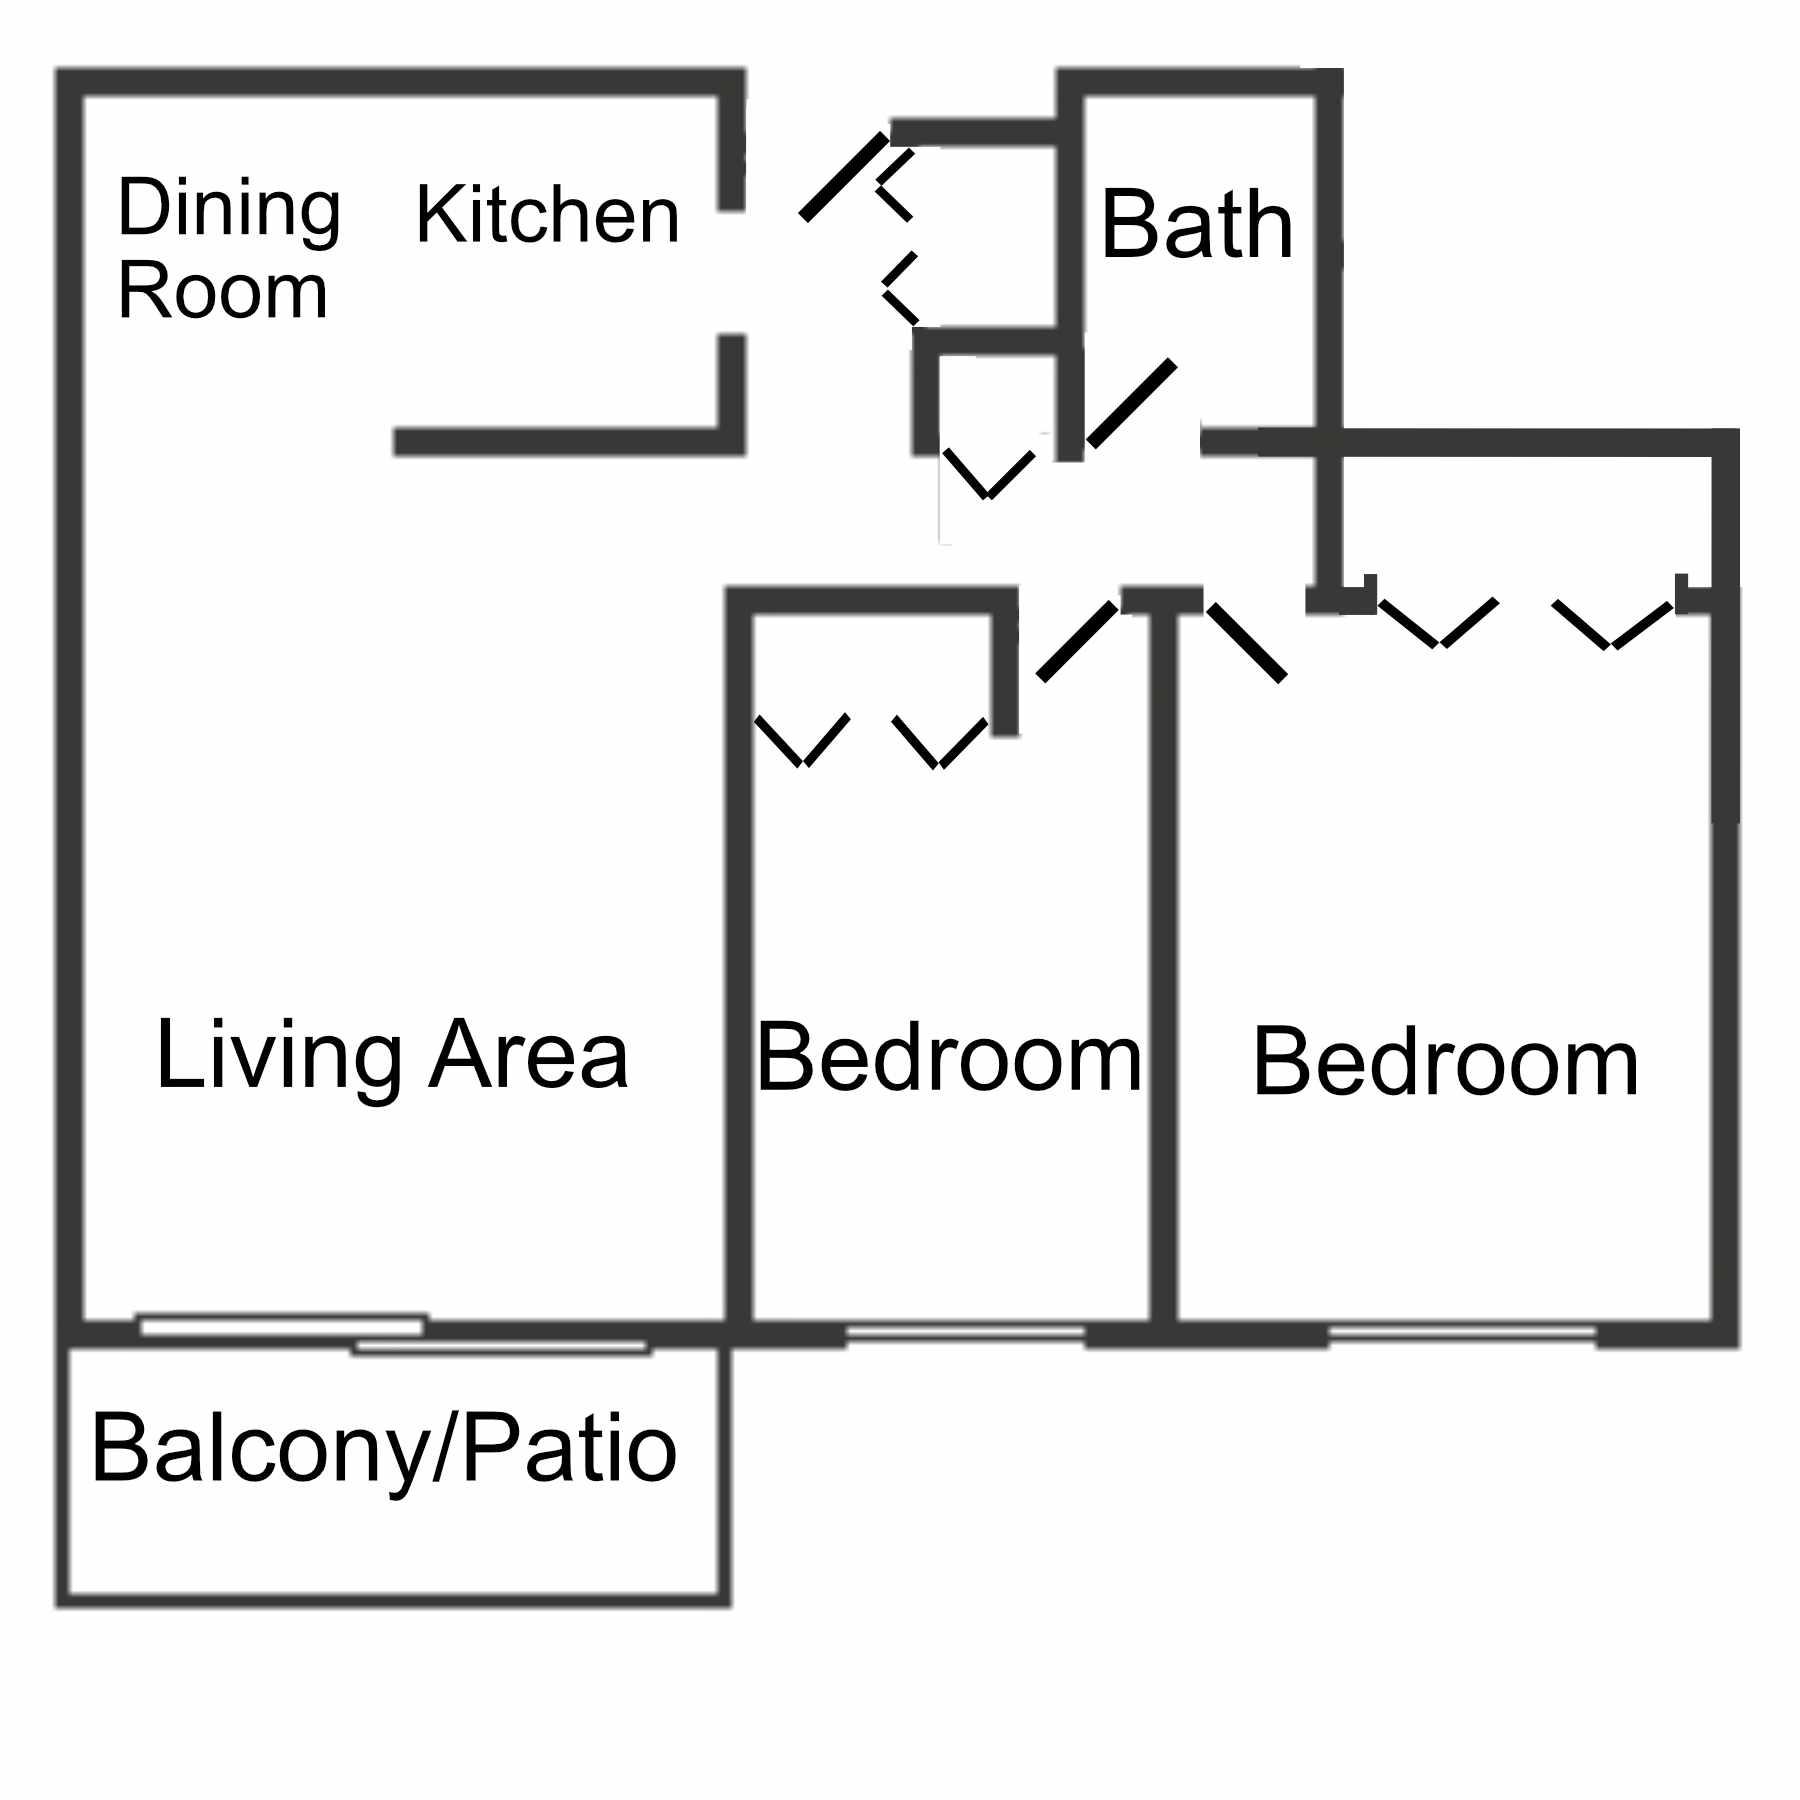 Floor plan of the 2 bedroom, 1 Bathroom apartment